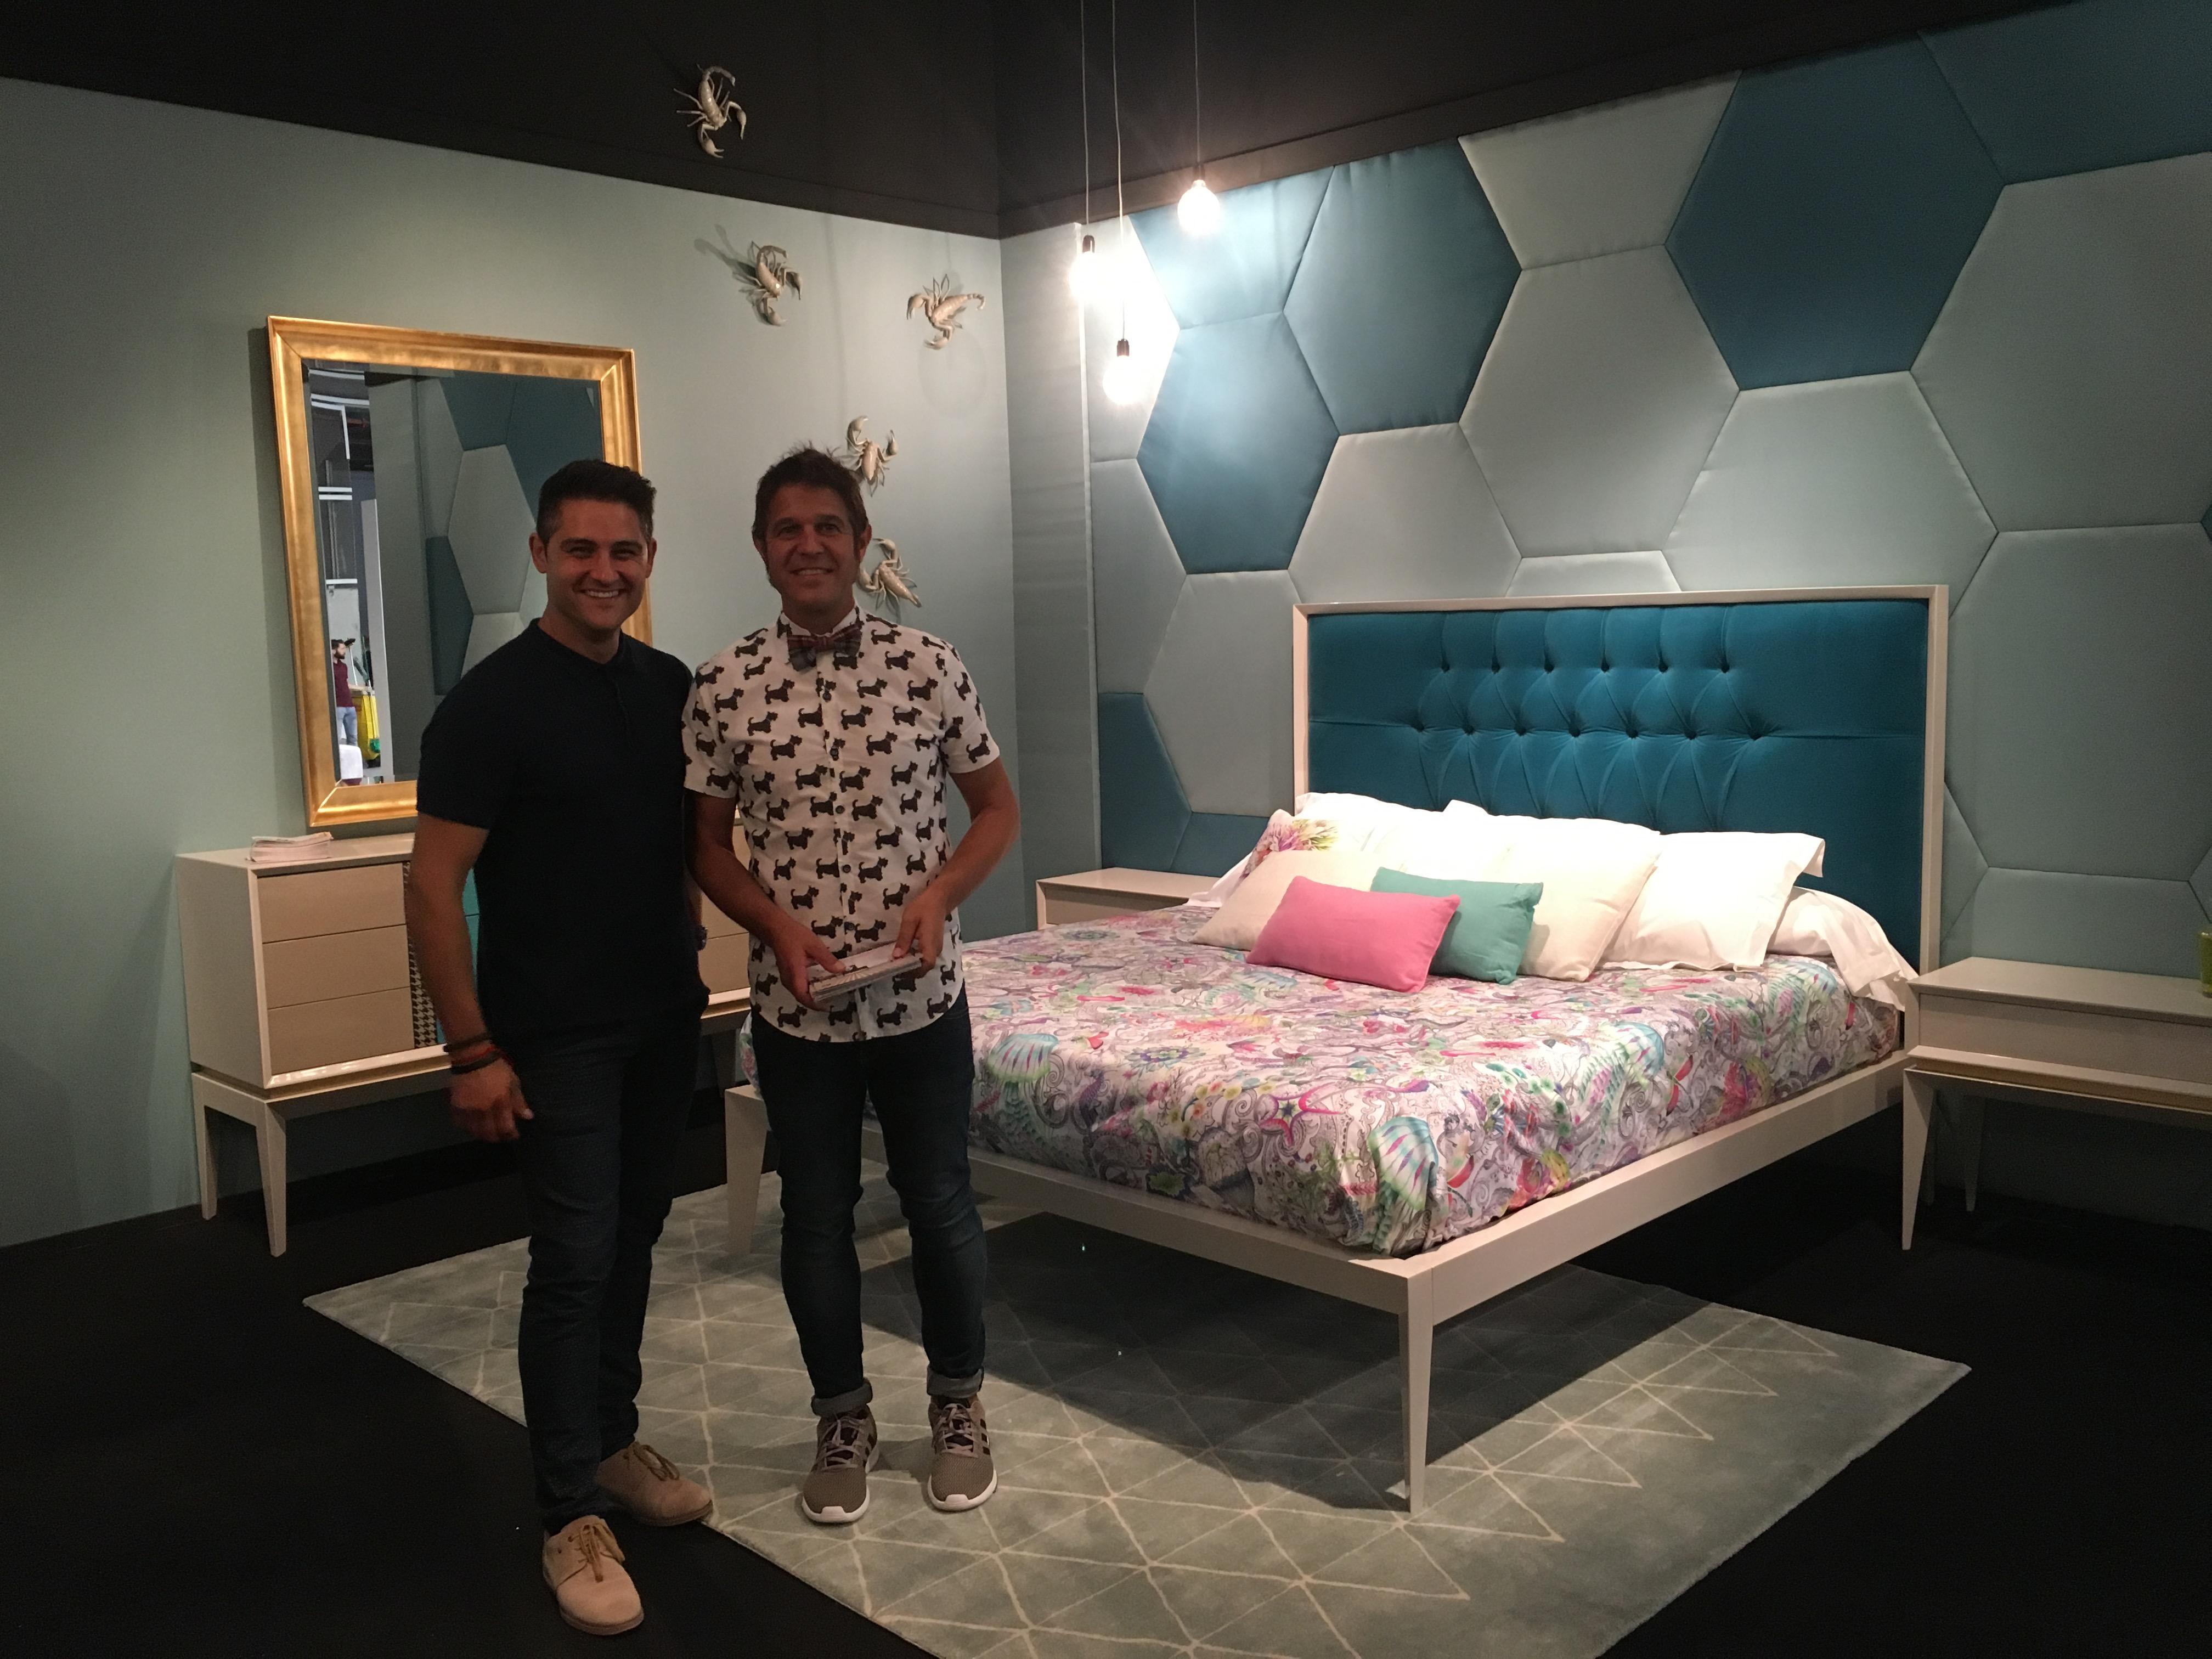 feria-habitat-mueble-2017-tendencias-mobiliario-interiorismo-9